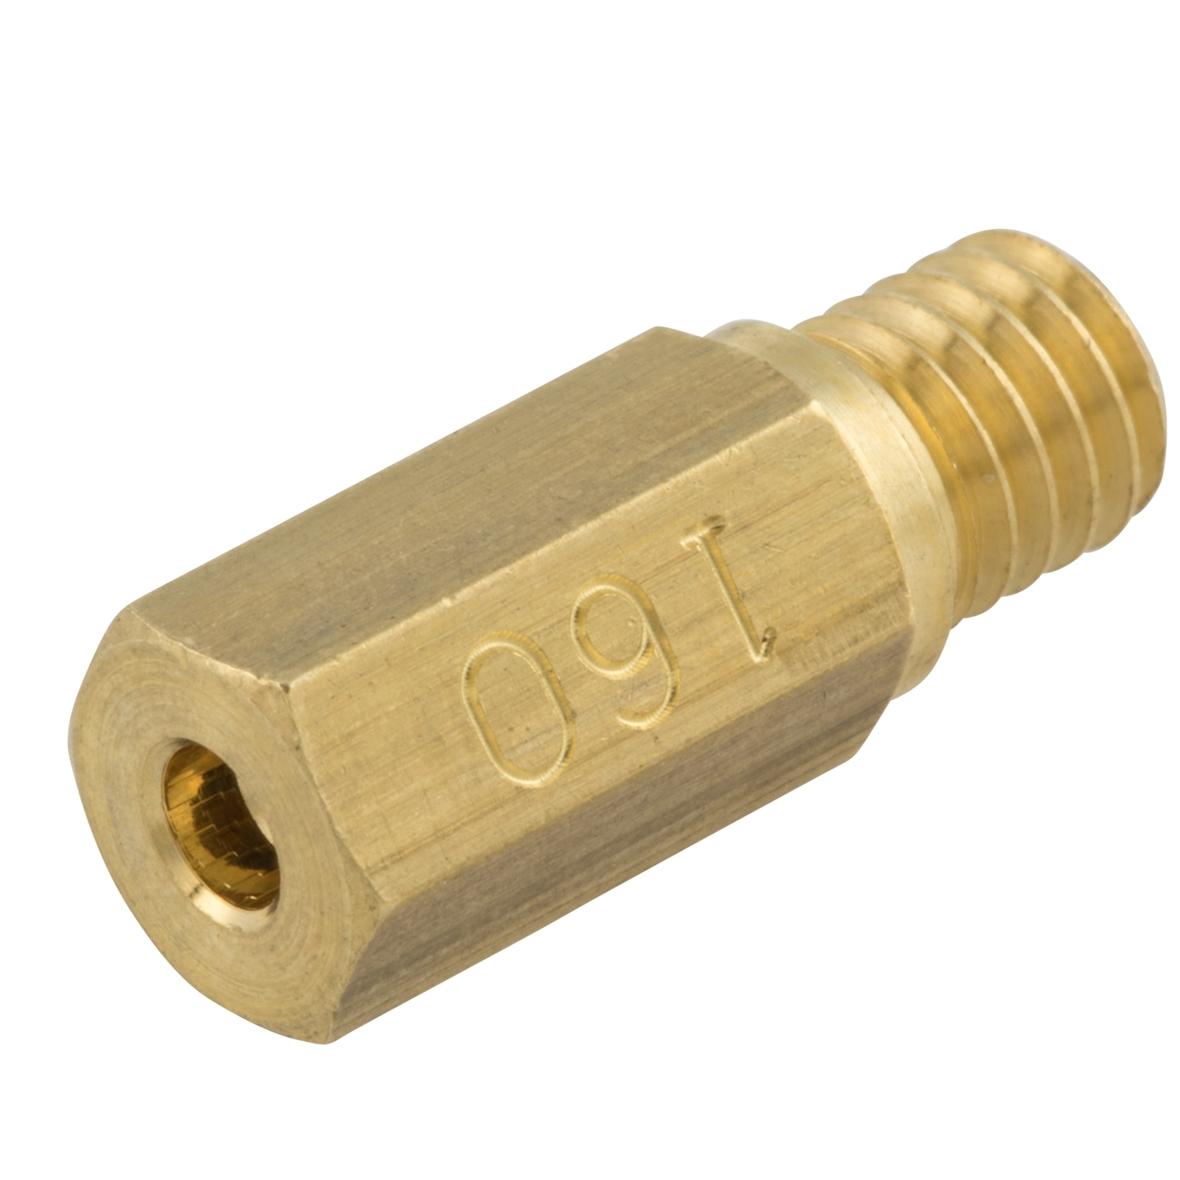 「ノズル KMT 168 Ø 6 mmTitle」の製品画像